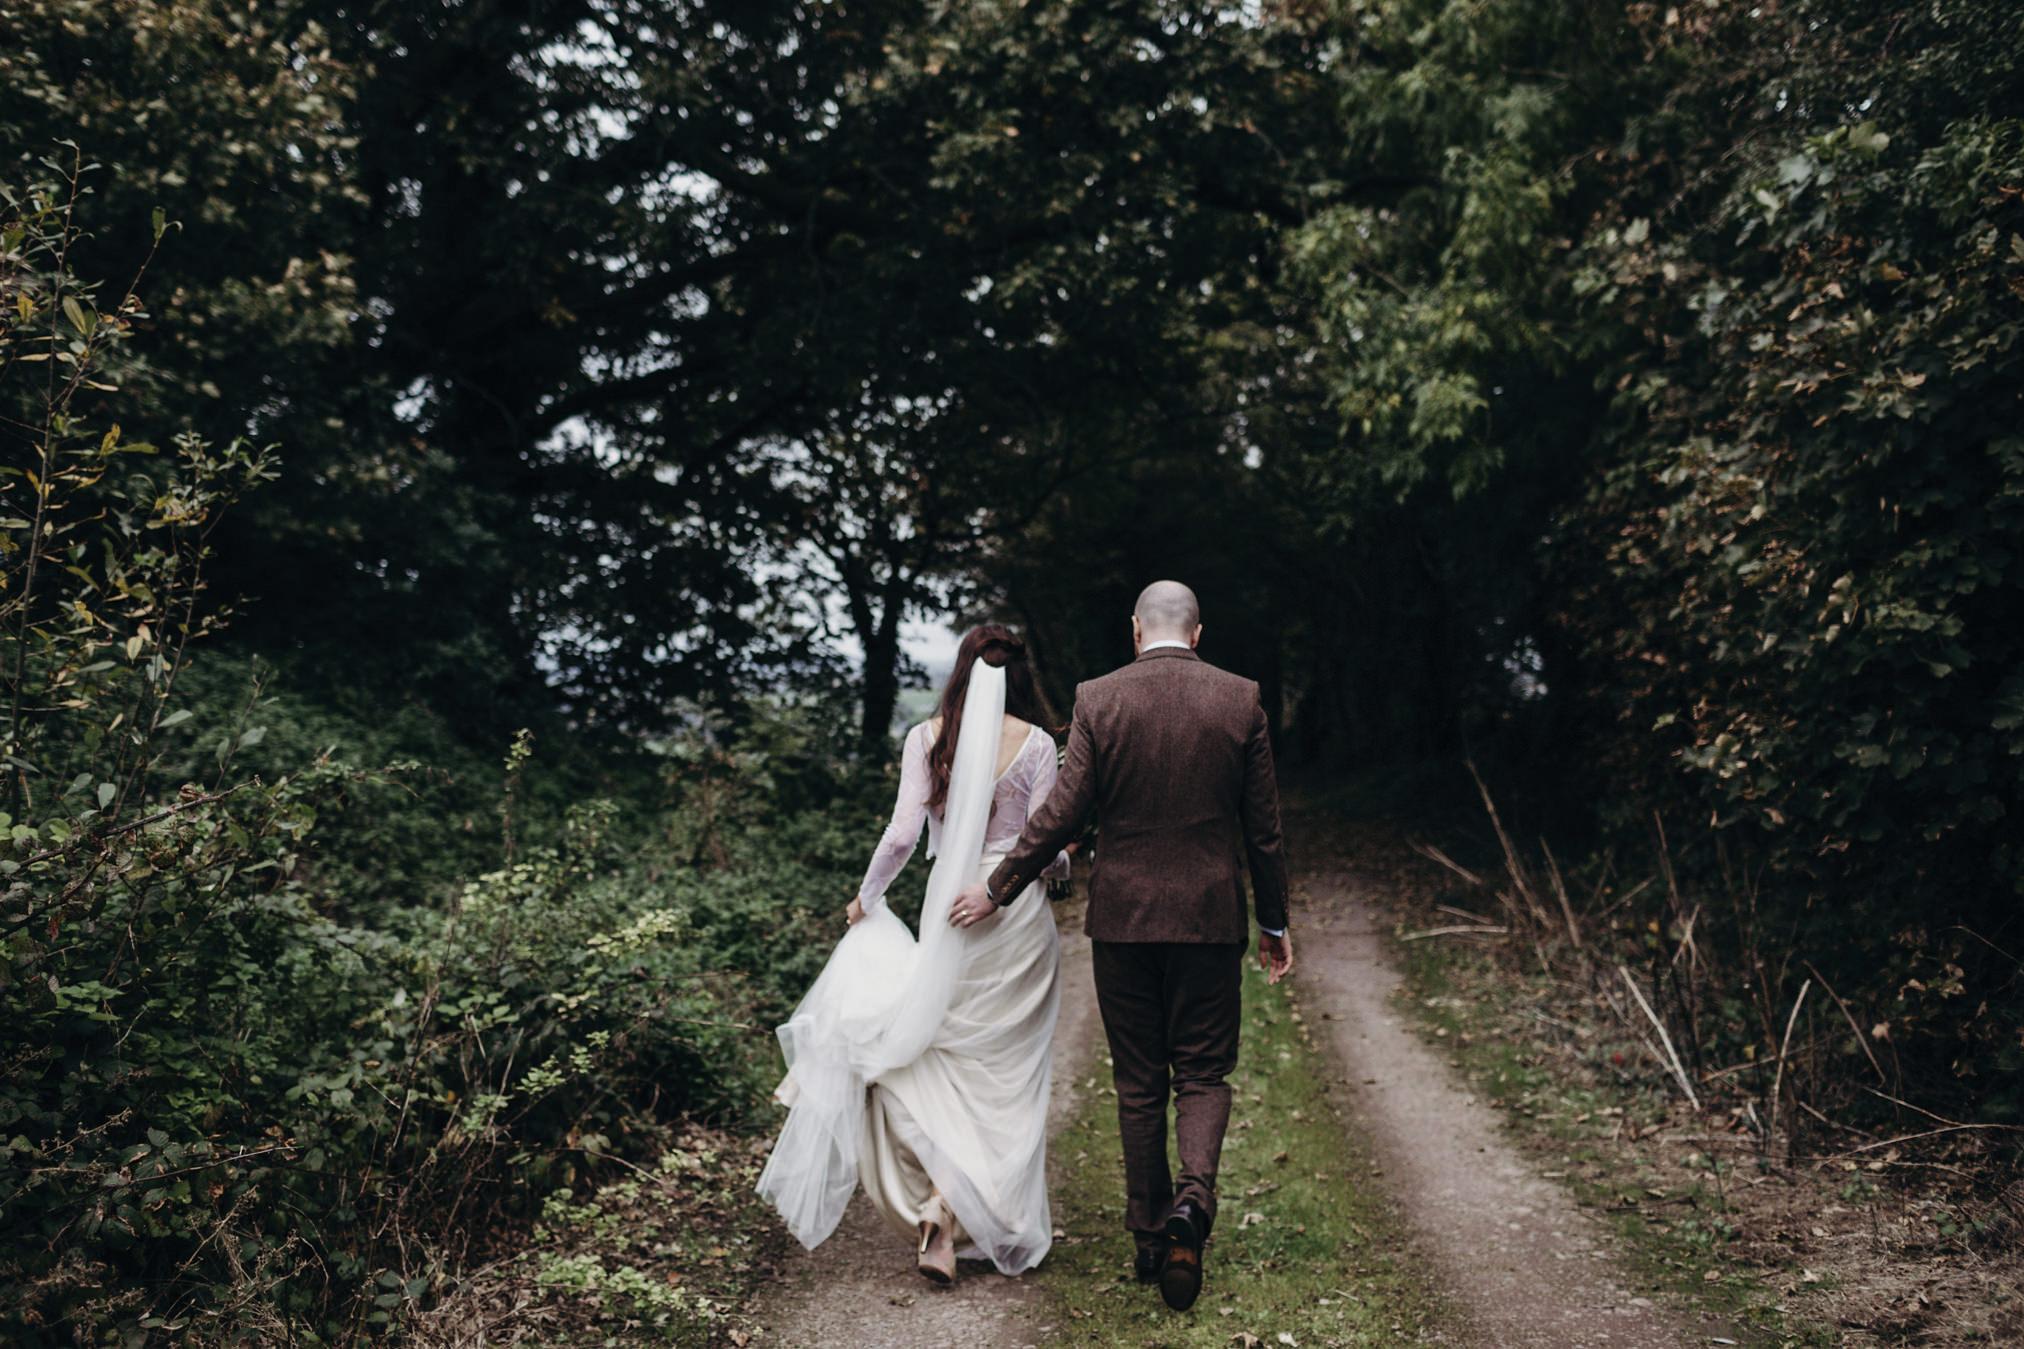 wedding photographer irelandGraciela Vilagudin Photography591.jpg